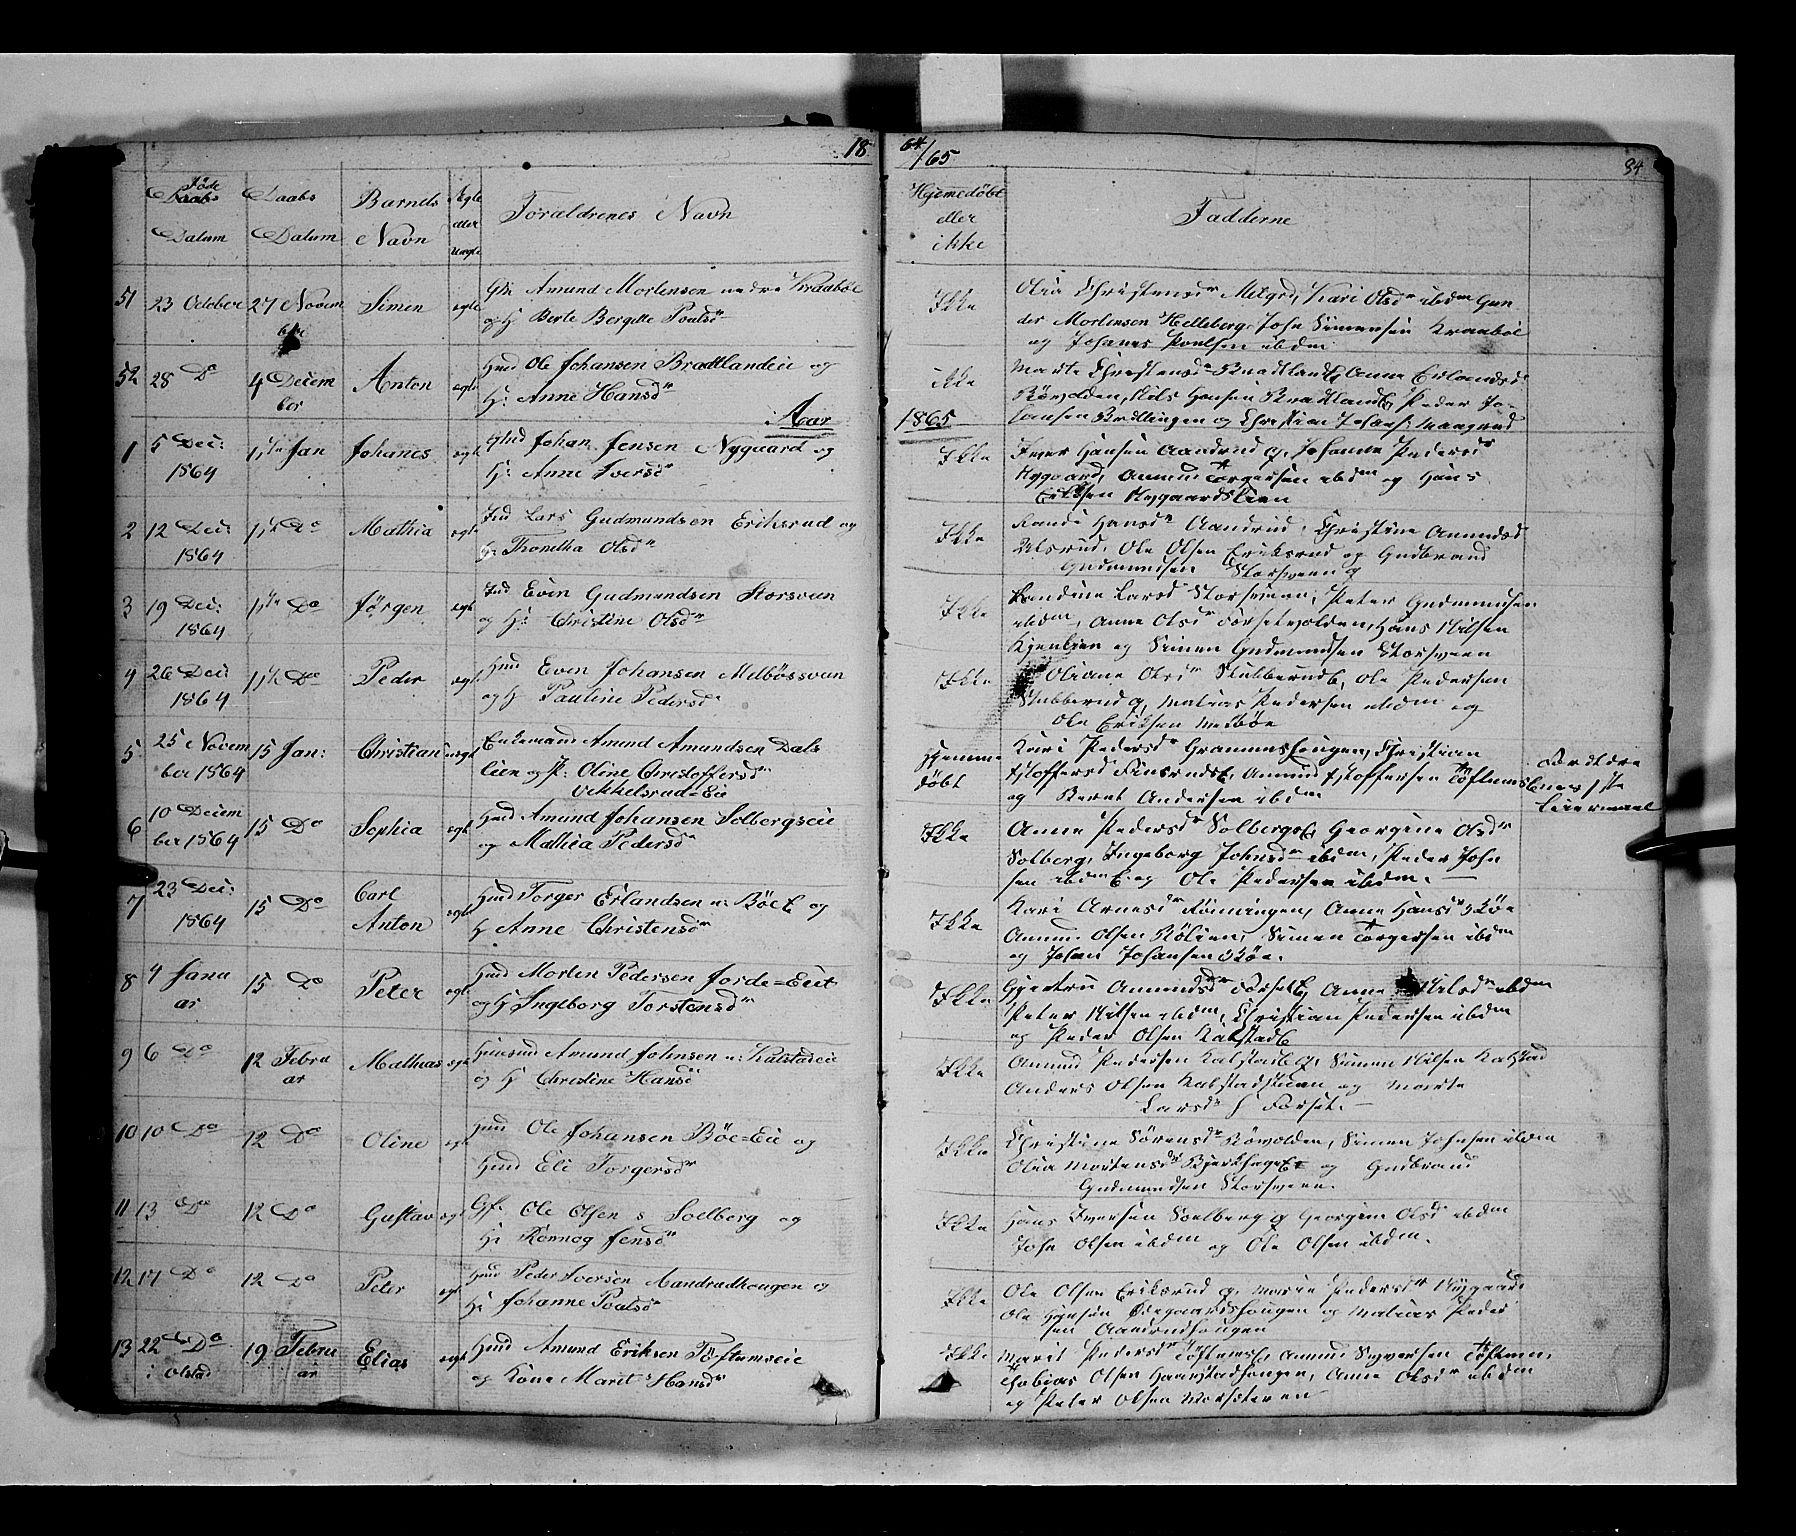 SAH, Gausdal prestekontor, Klokkerbok nr. 5, 1846-1867, s. 84